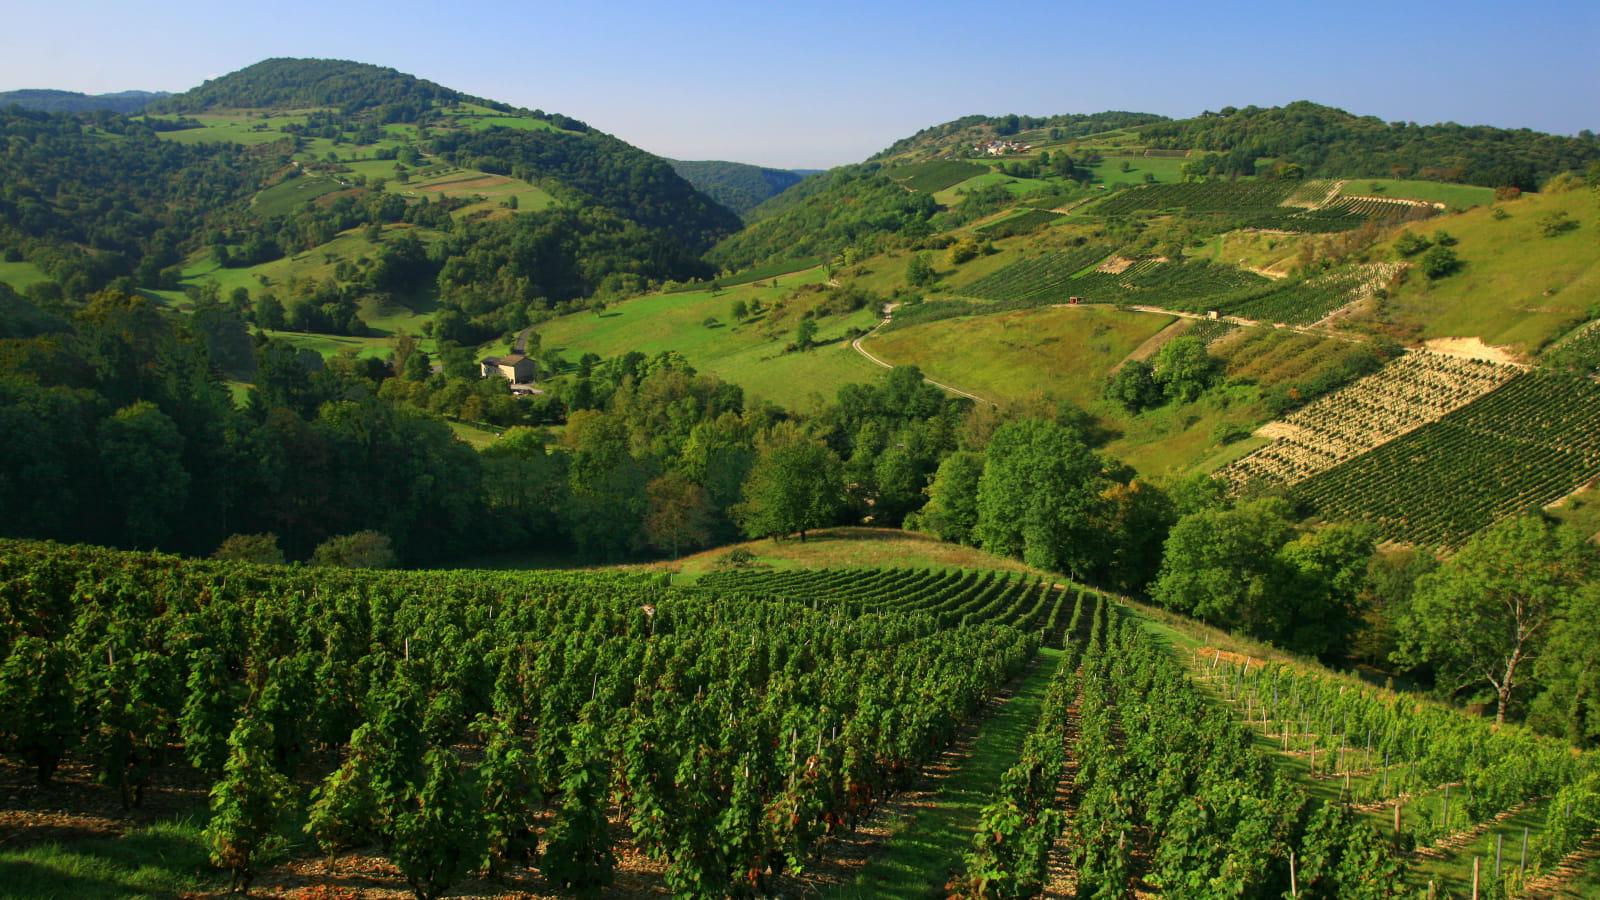 Col de Montratier - Vignoble du Bugey